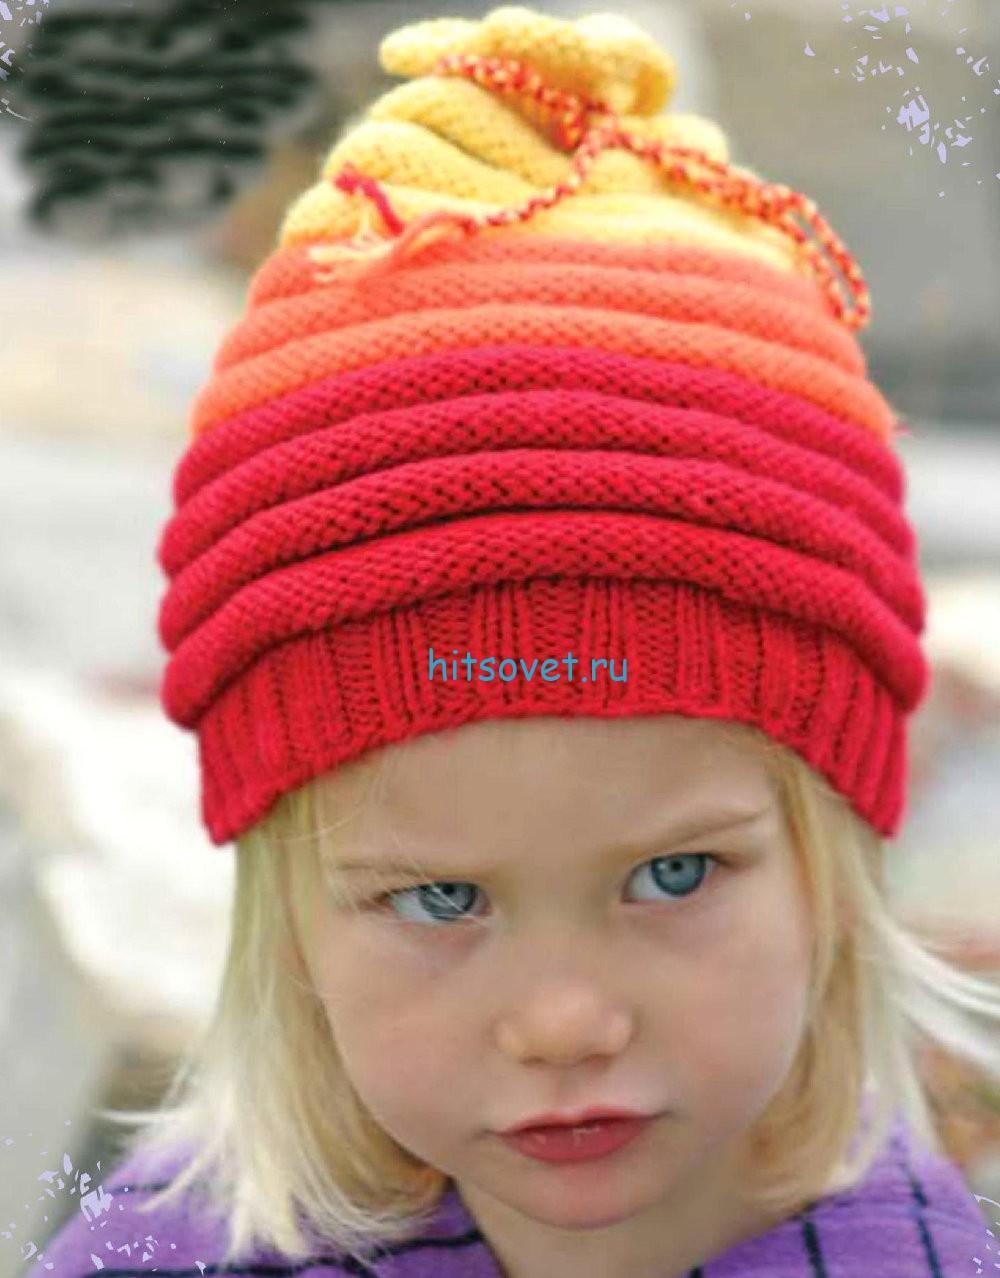 Вязание шапки с закрученными краями, фото.